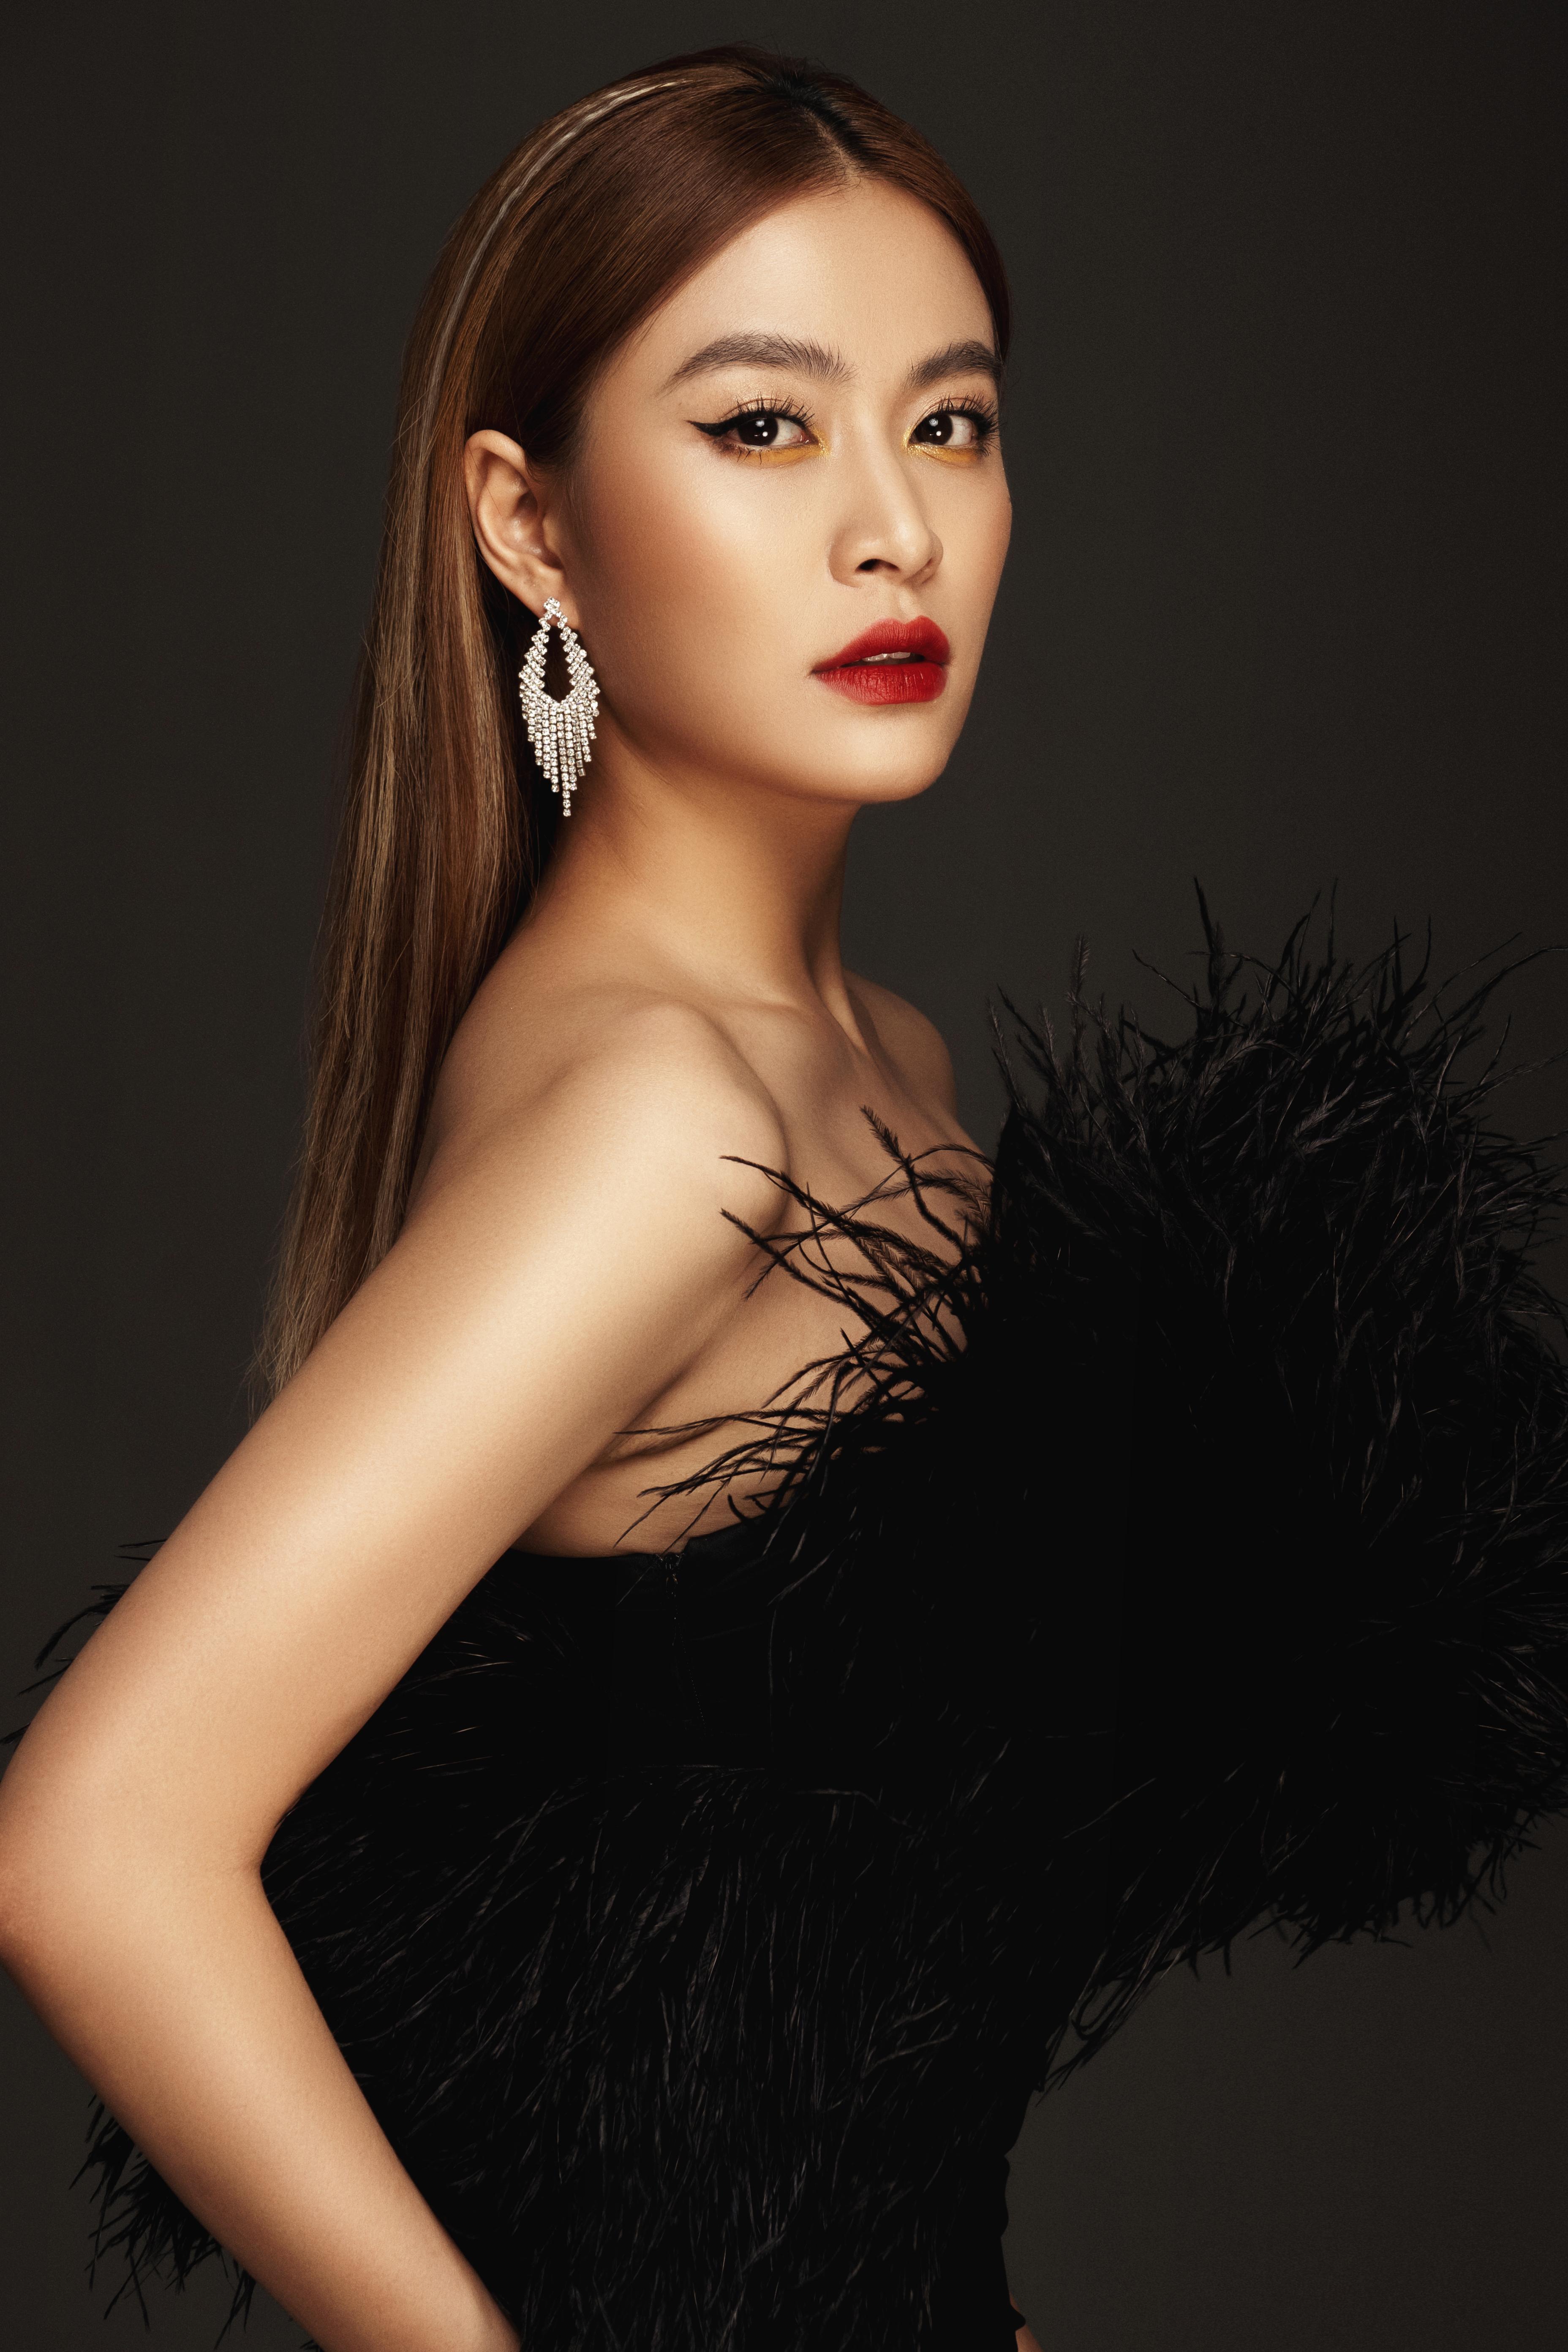 Nữ ca sĩ Hoàng Thùy Linh sẽ xuất hiện tại đêm bán kết Hoa hậu Hoàn vũ Việt Nam 2019